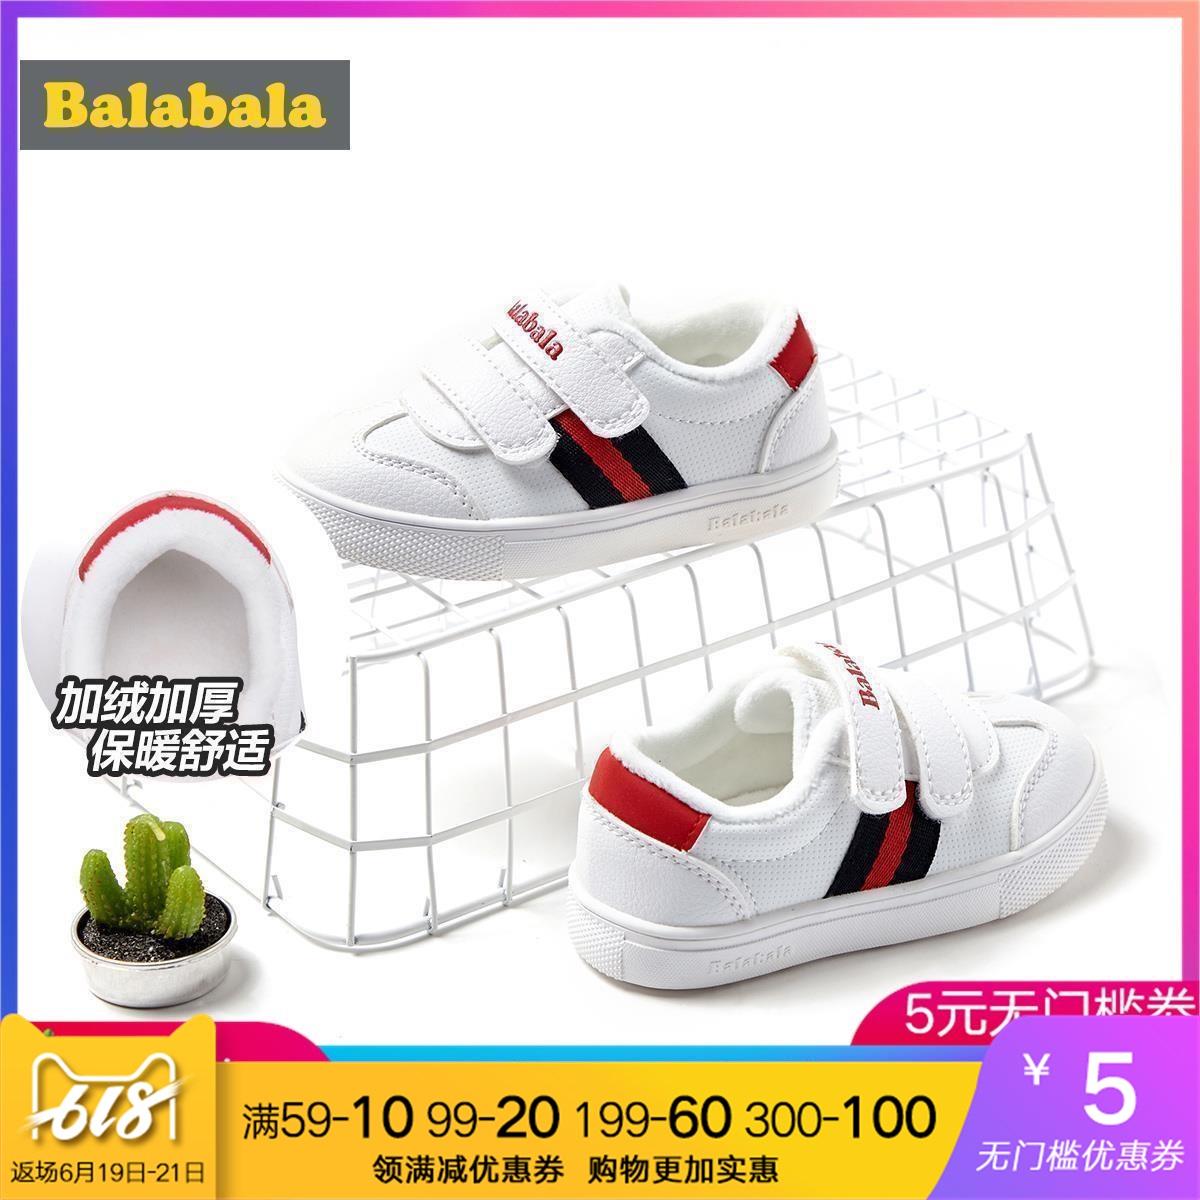 巴拉巴拉童鞋儿童板鞋男童鞋子2018新款冬季婴幼童童鞋一脚蹬女童